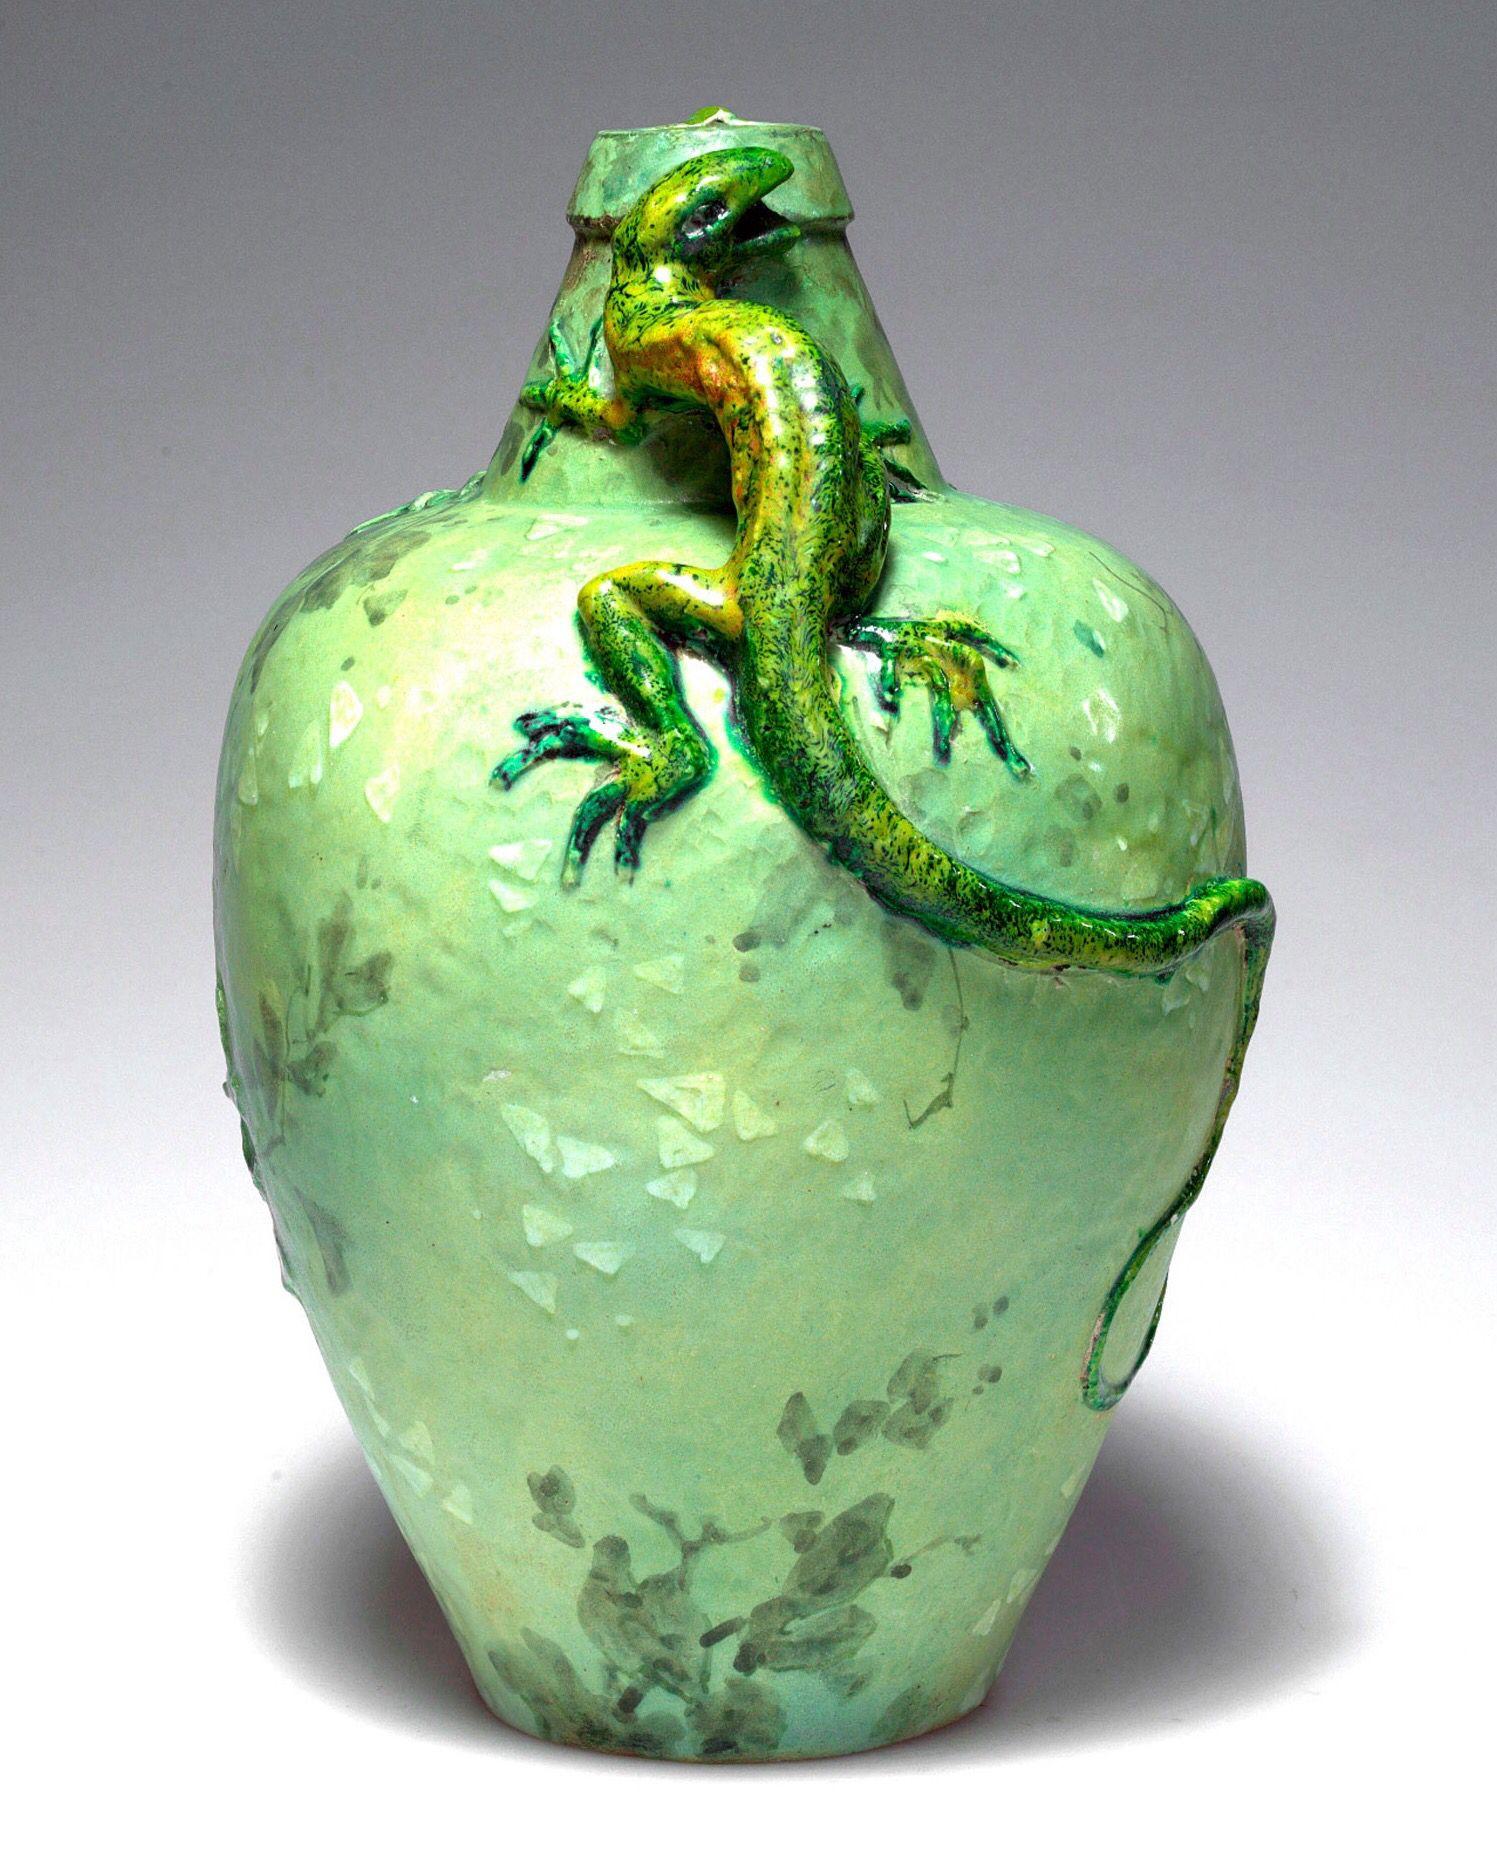 Vase with Lizard c. 1900 - Lachenal, Edmond, Châtillon-sous-Bagneux